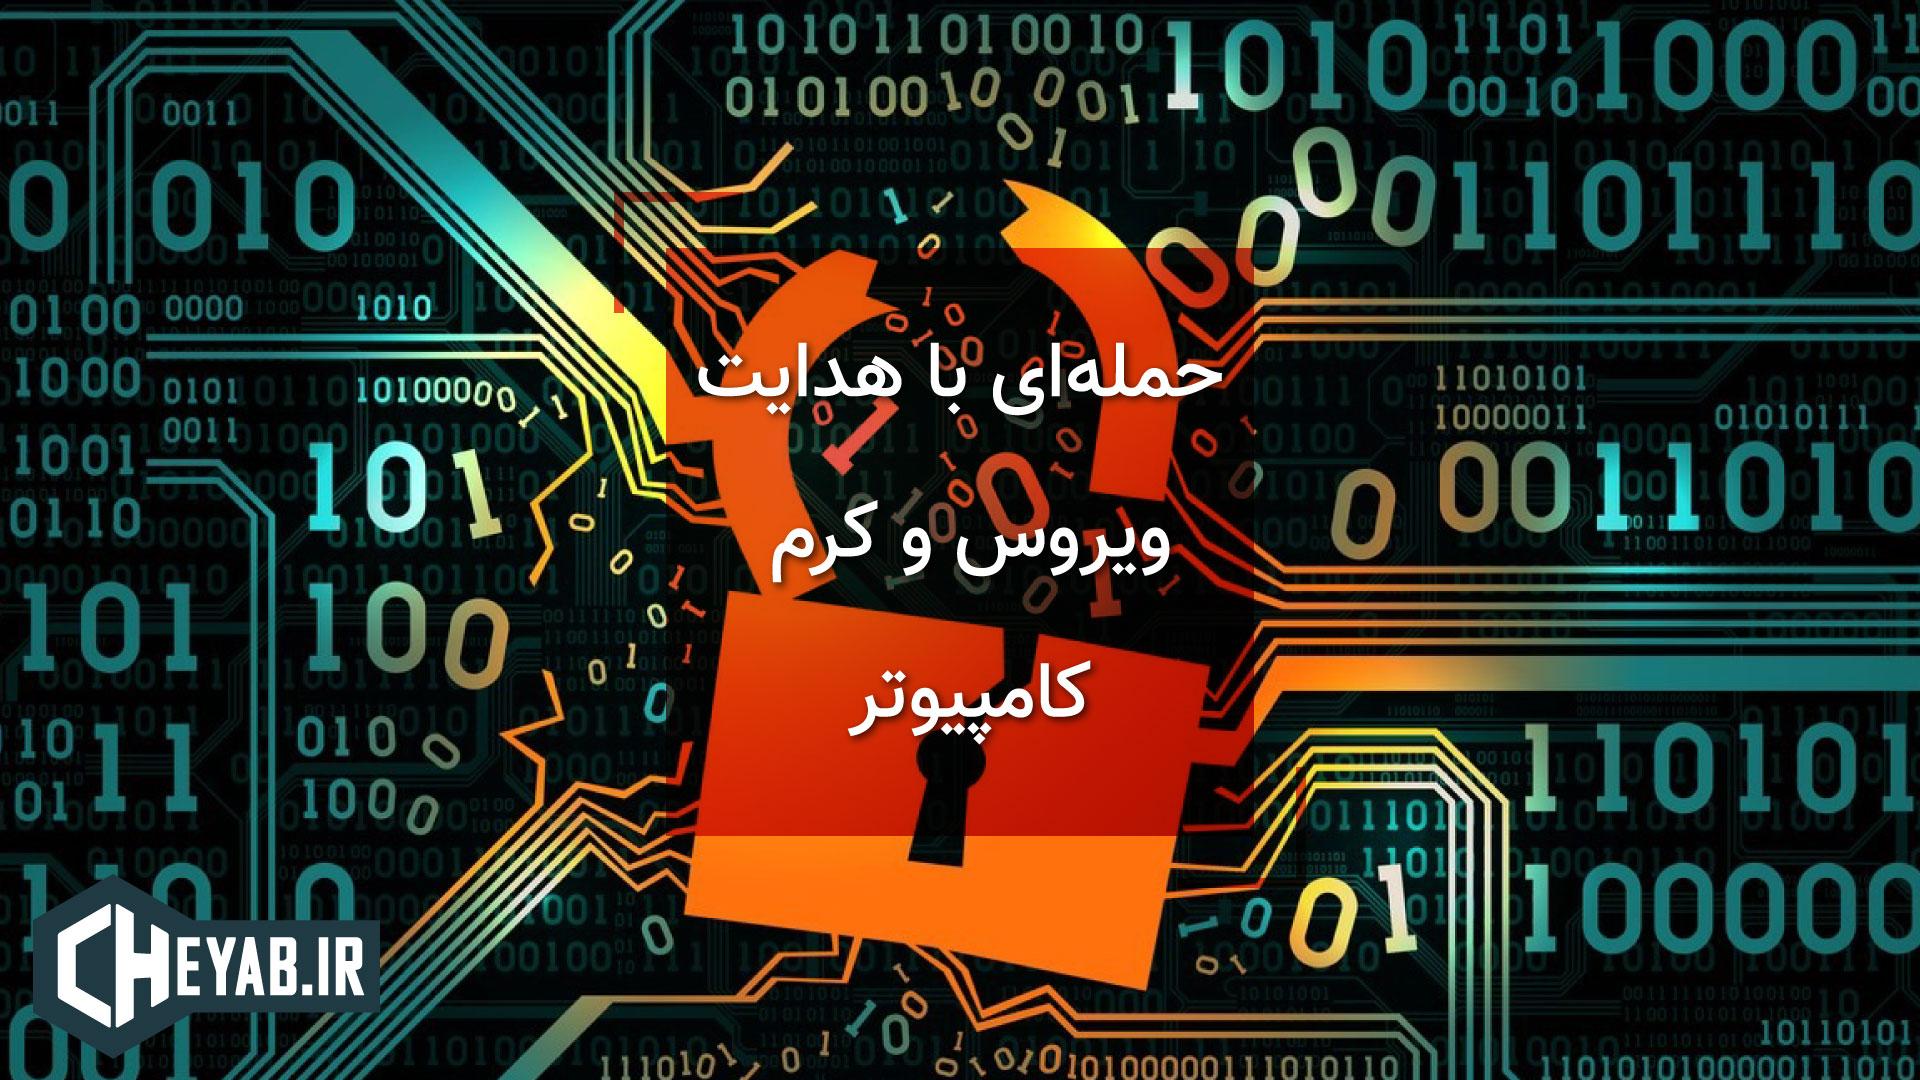 حملهای با هدایت ویروس و کرم کامپیوتر!